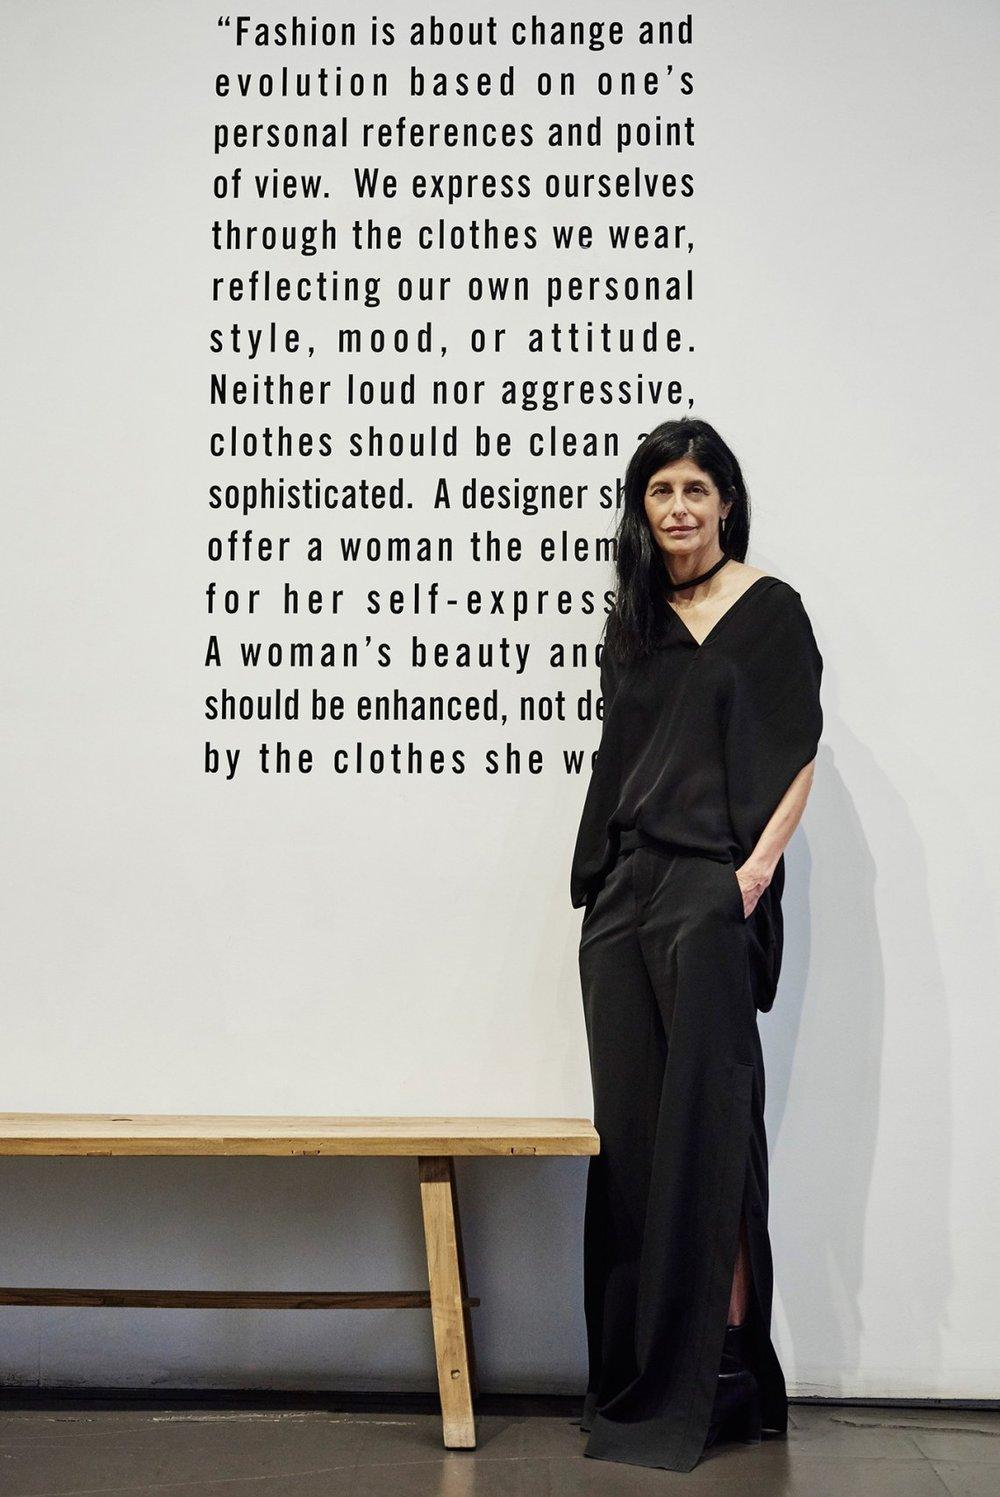 Nili Lotan photographed by Felix Kim,courtesy of W Magazine